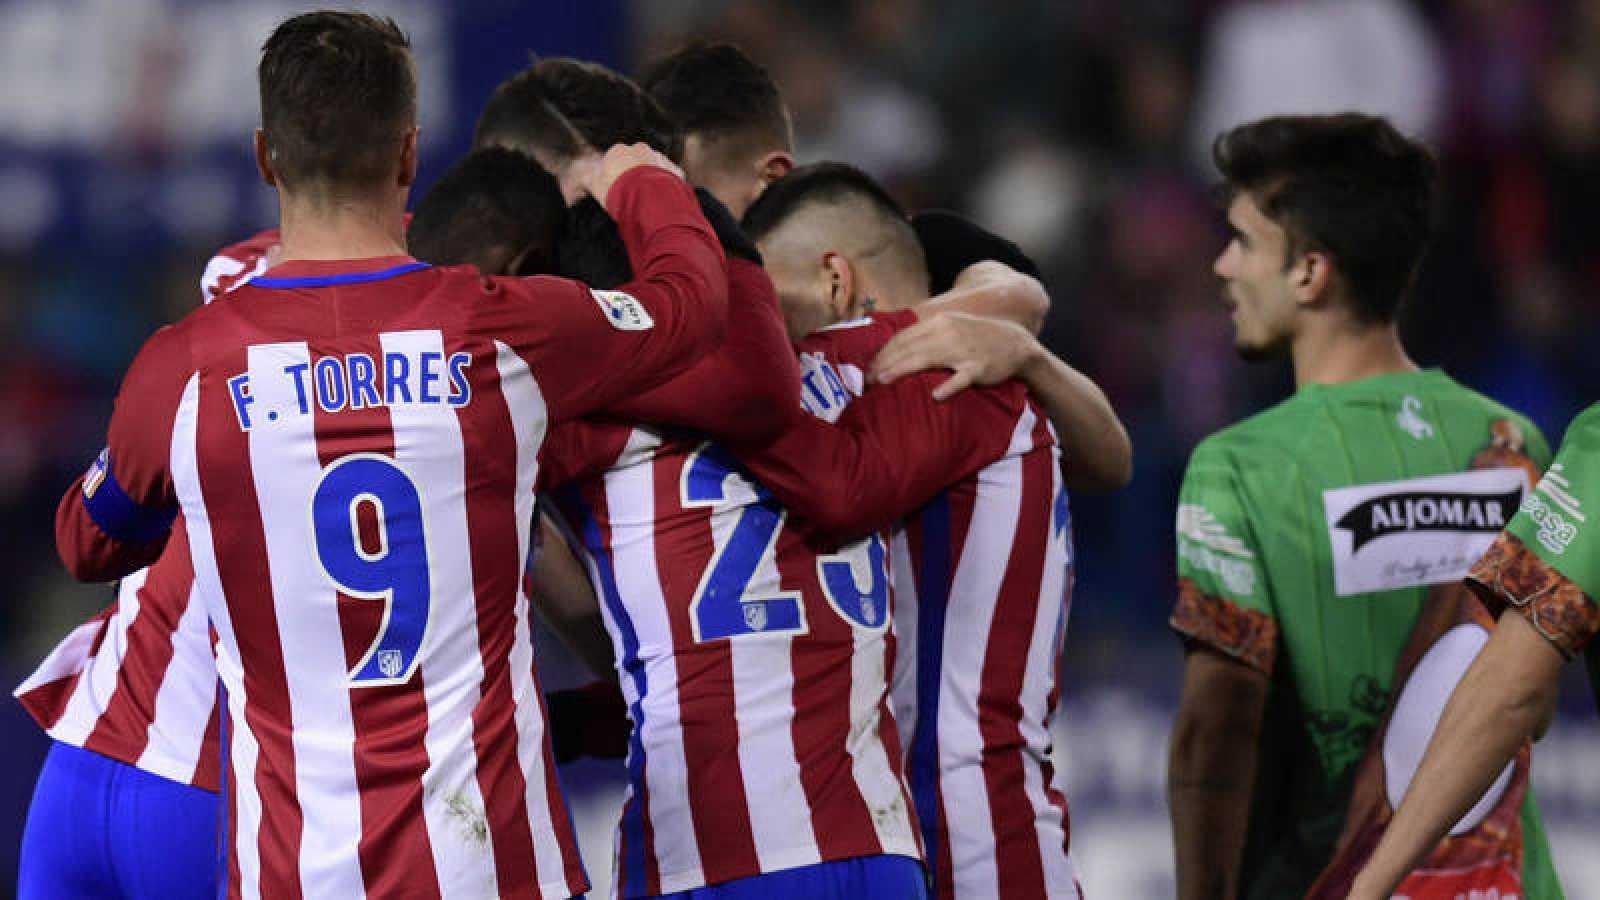 Copa Del Rey Atlético De Madrid 4 1 Guijuelo El Atlético Pasa El Trámite En Medio Partido Rtve Es